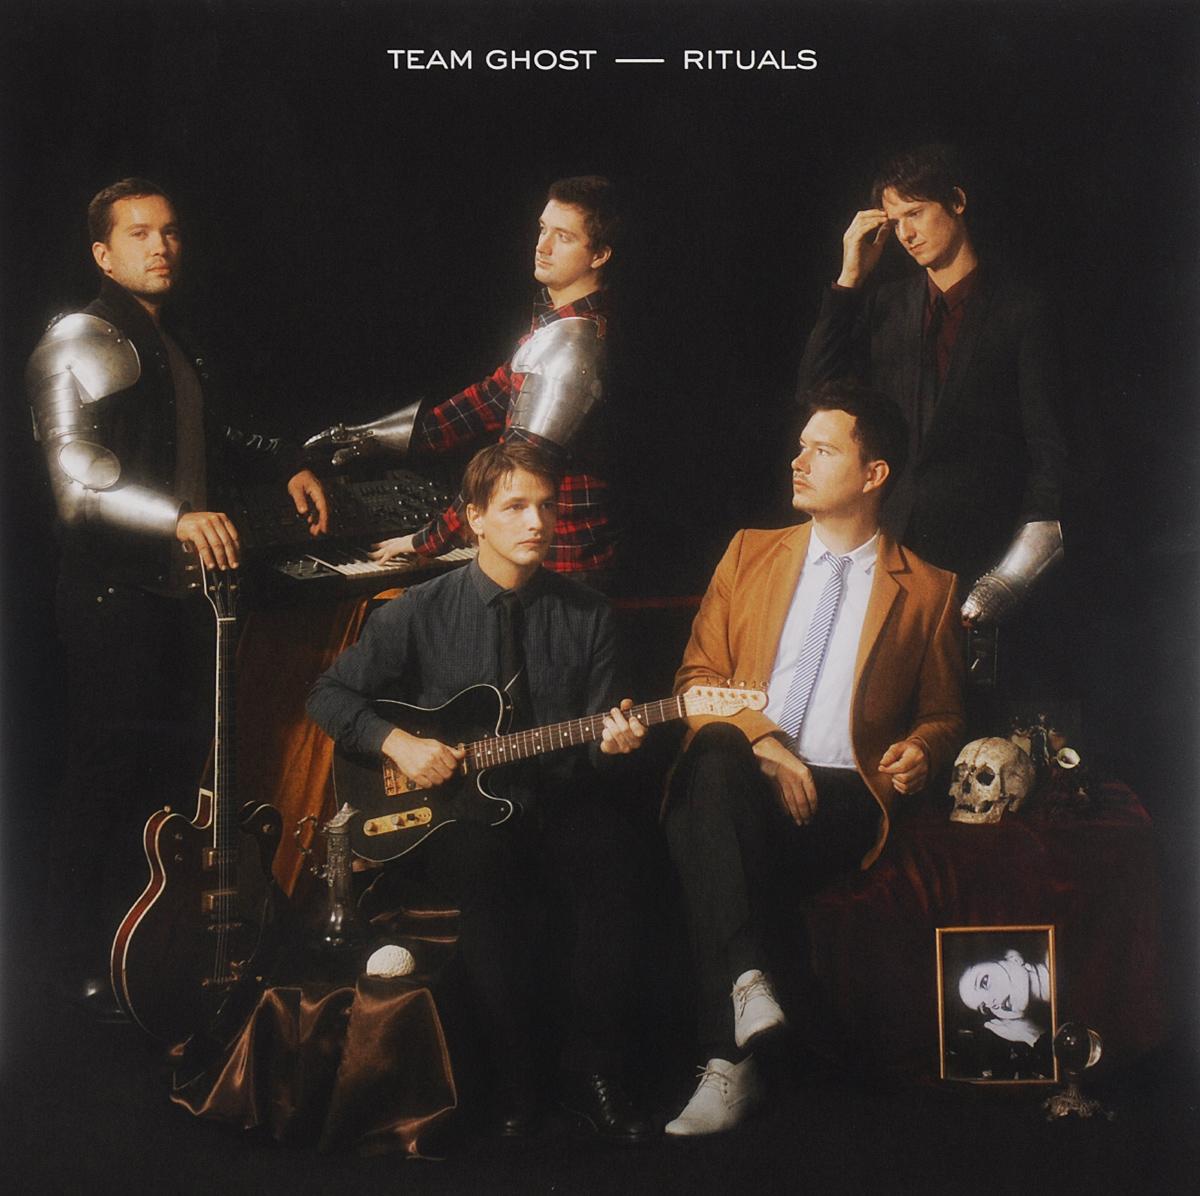 Издание содержит CD с аналогичным списком треков. Пластинка оформлена в белом цвете.